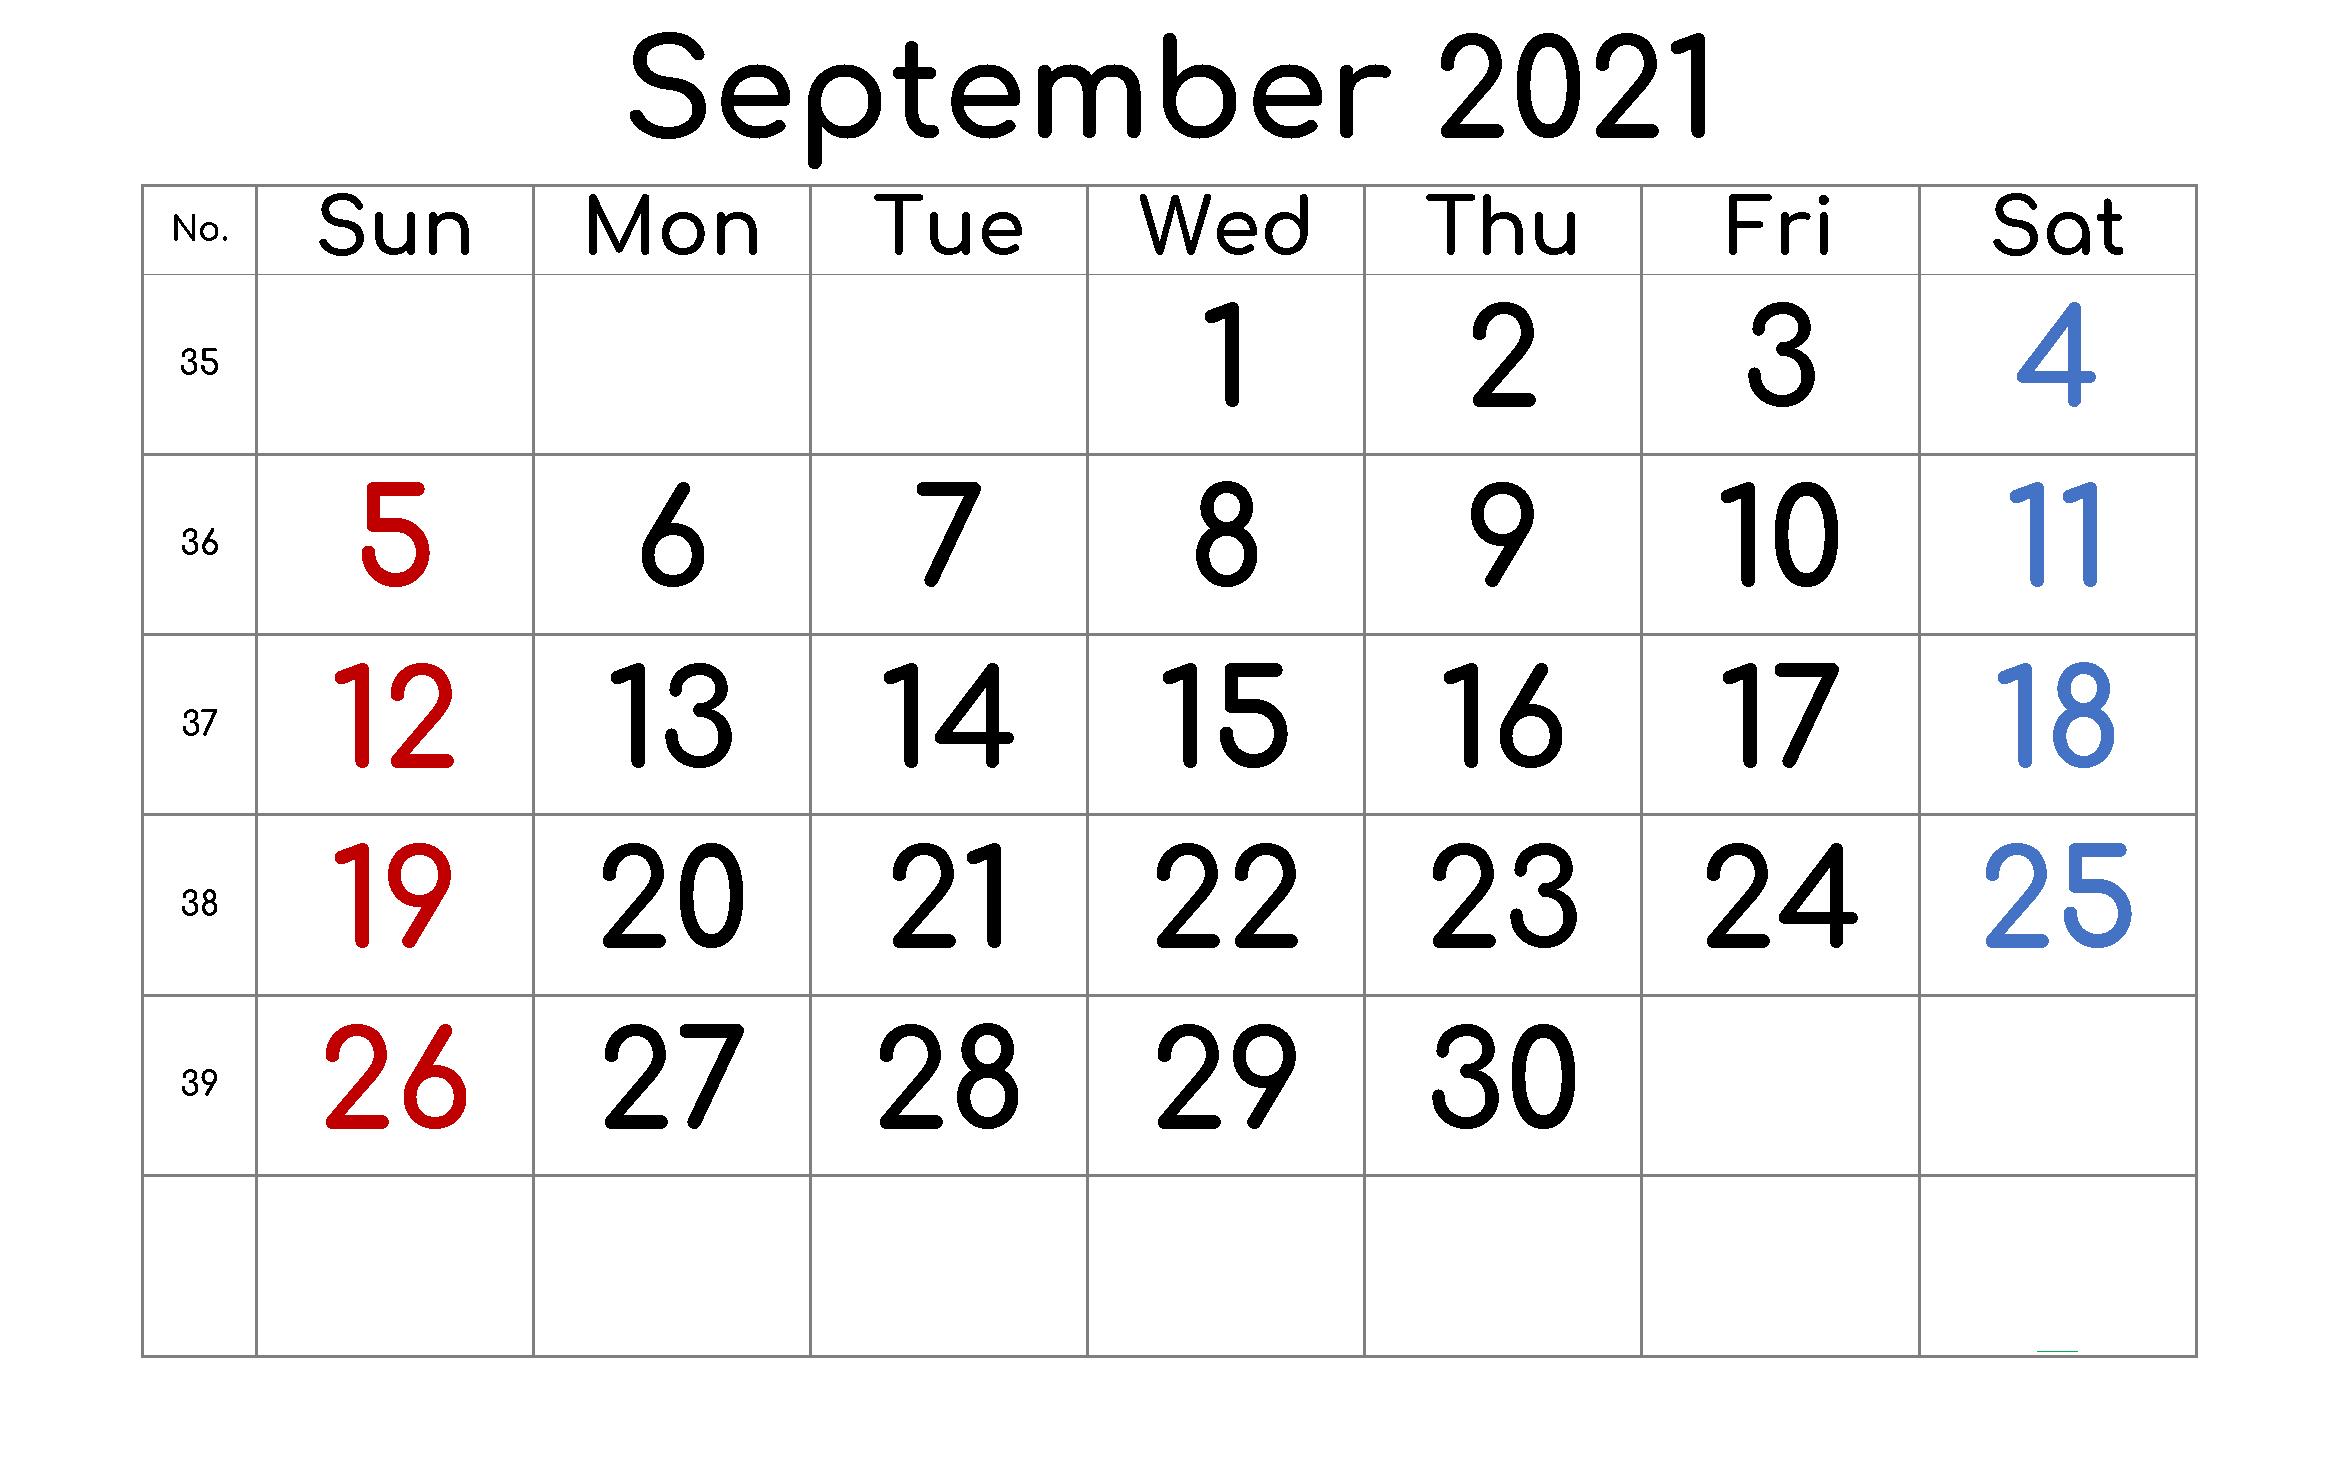 September 2021 Calendar Planner Printable